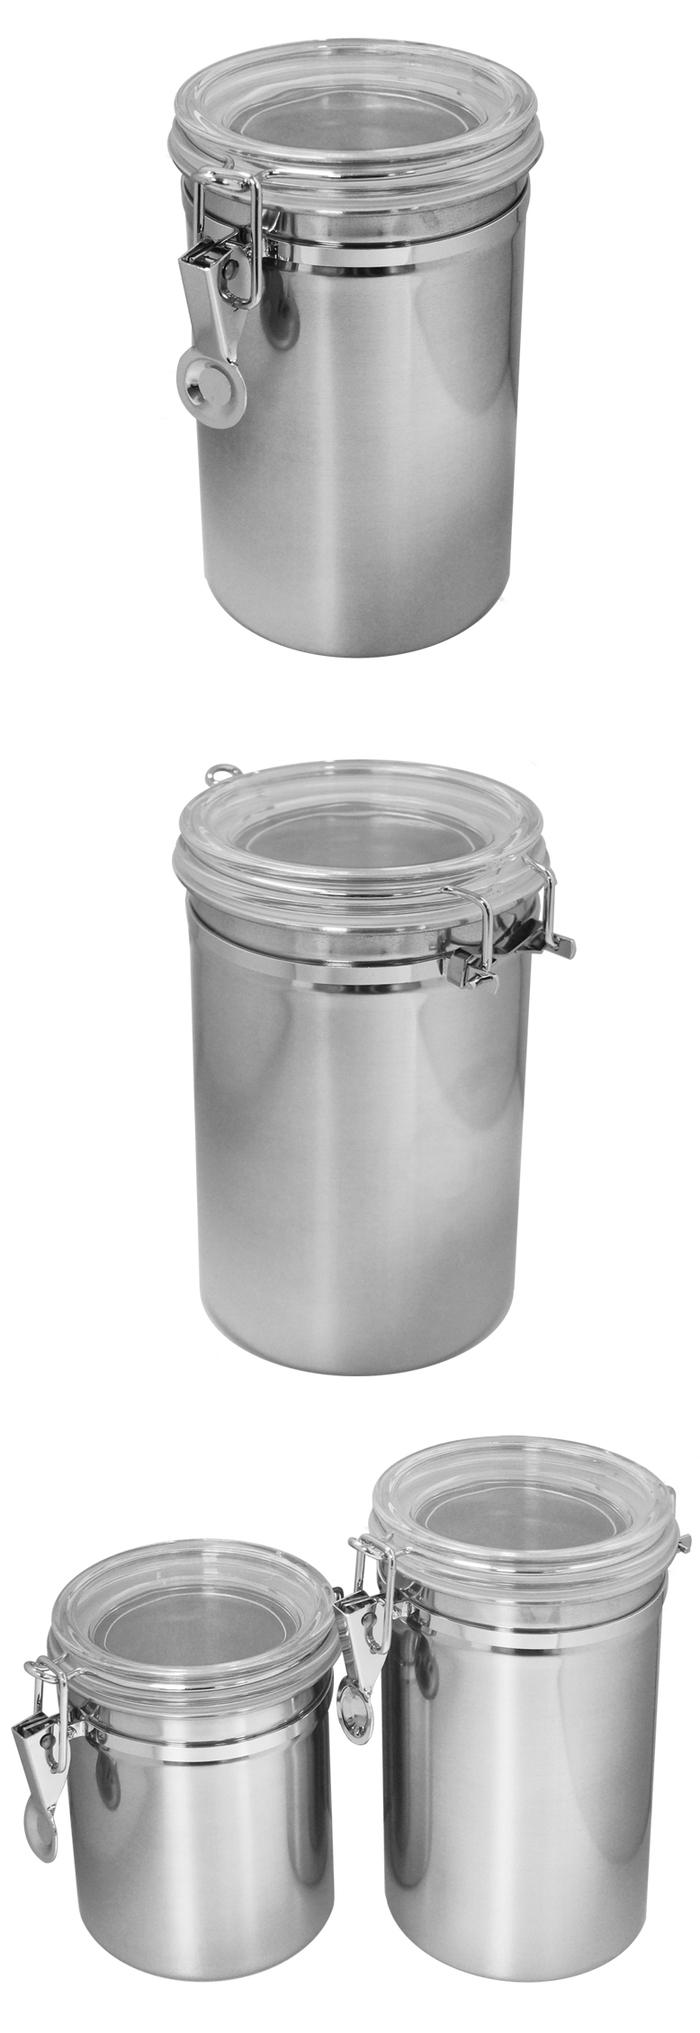 (複製)遠馸思創|台灣製 透明壓扣蓋不鏽鋼密封罐 (M 850mL)